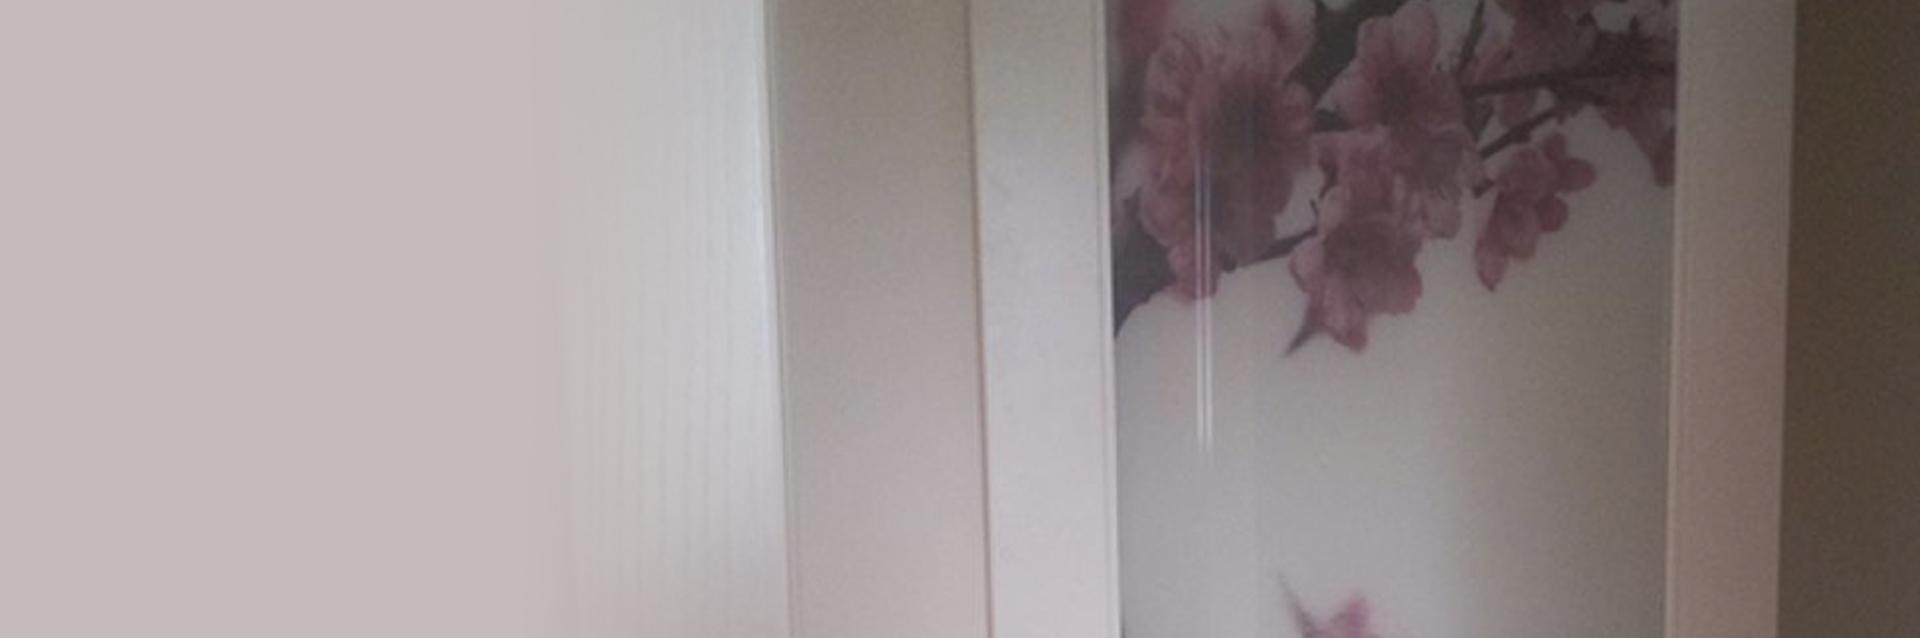 Realizzazione porte in vetro padova porte finestre - Porte ingresso vetro ...